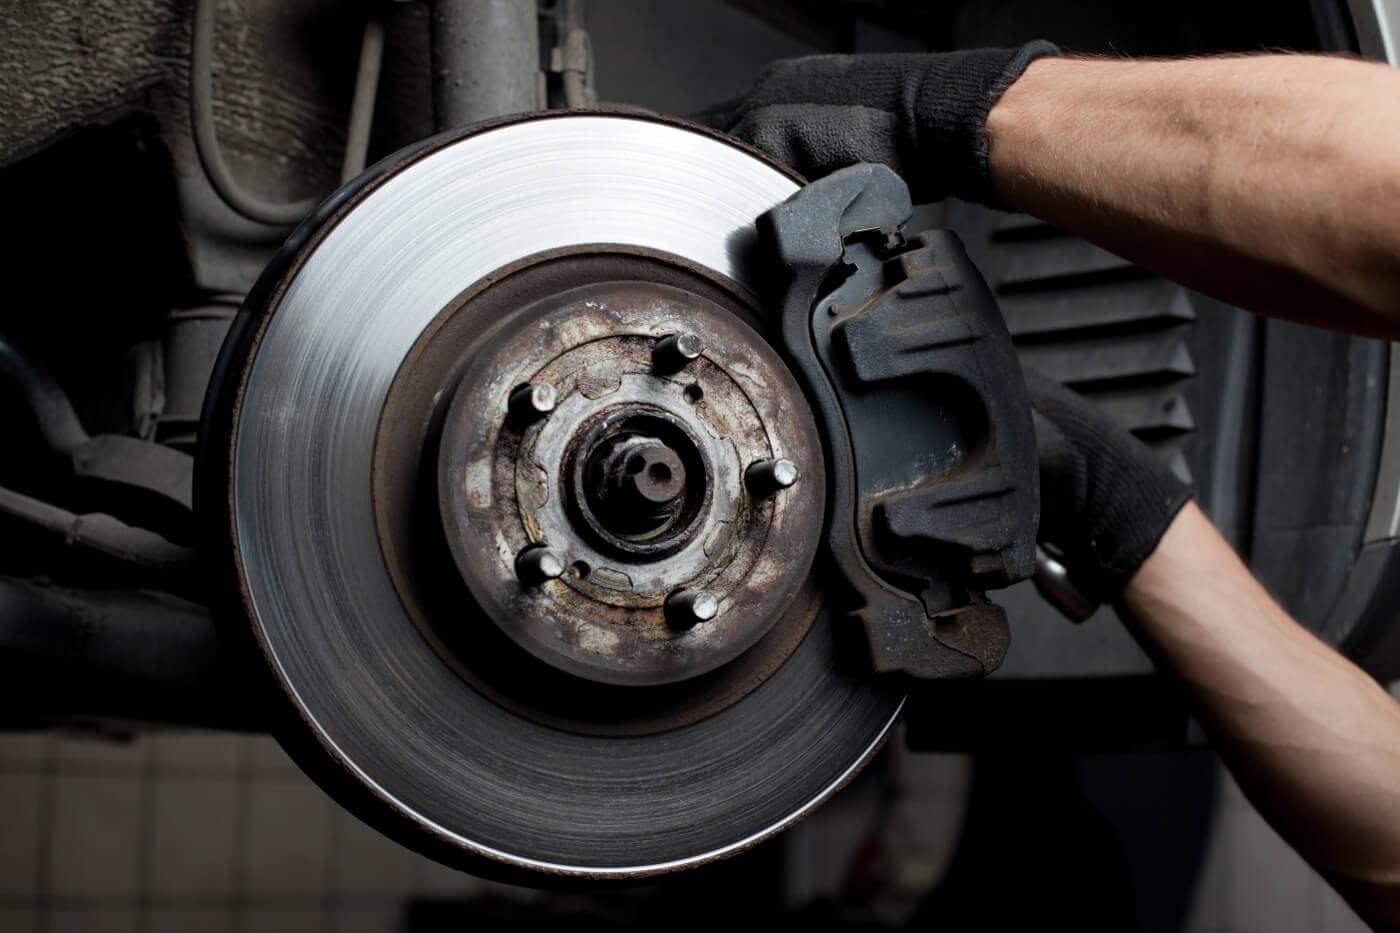 Working on brake pads